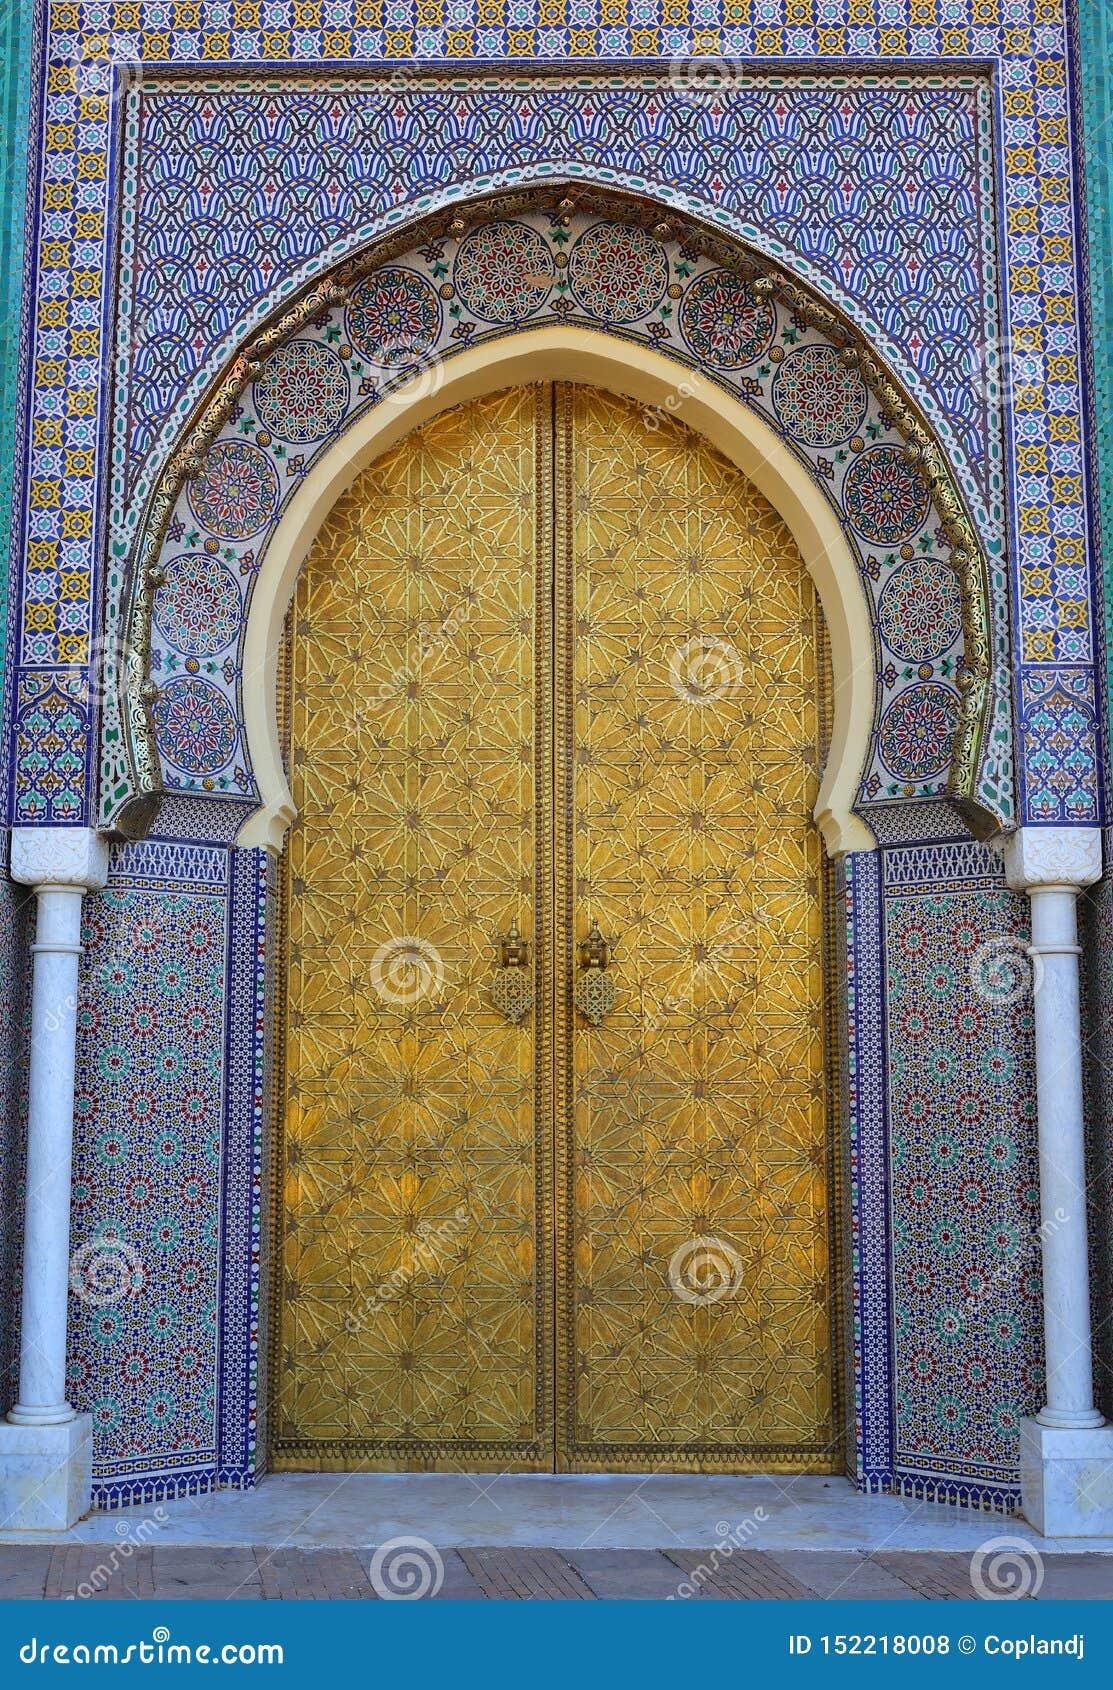 摩洛哥、菲斯、伊斯兰教的题写的黄铜被成拱形的门和给上釉的瓦片周围